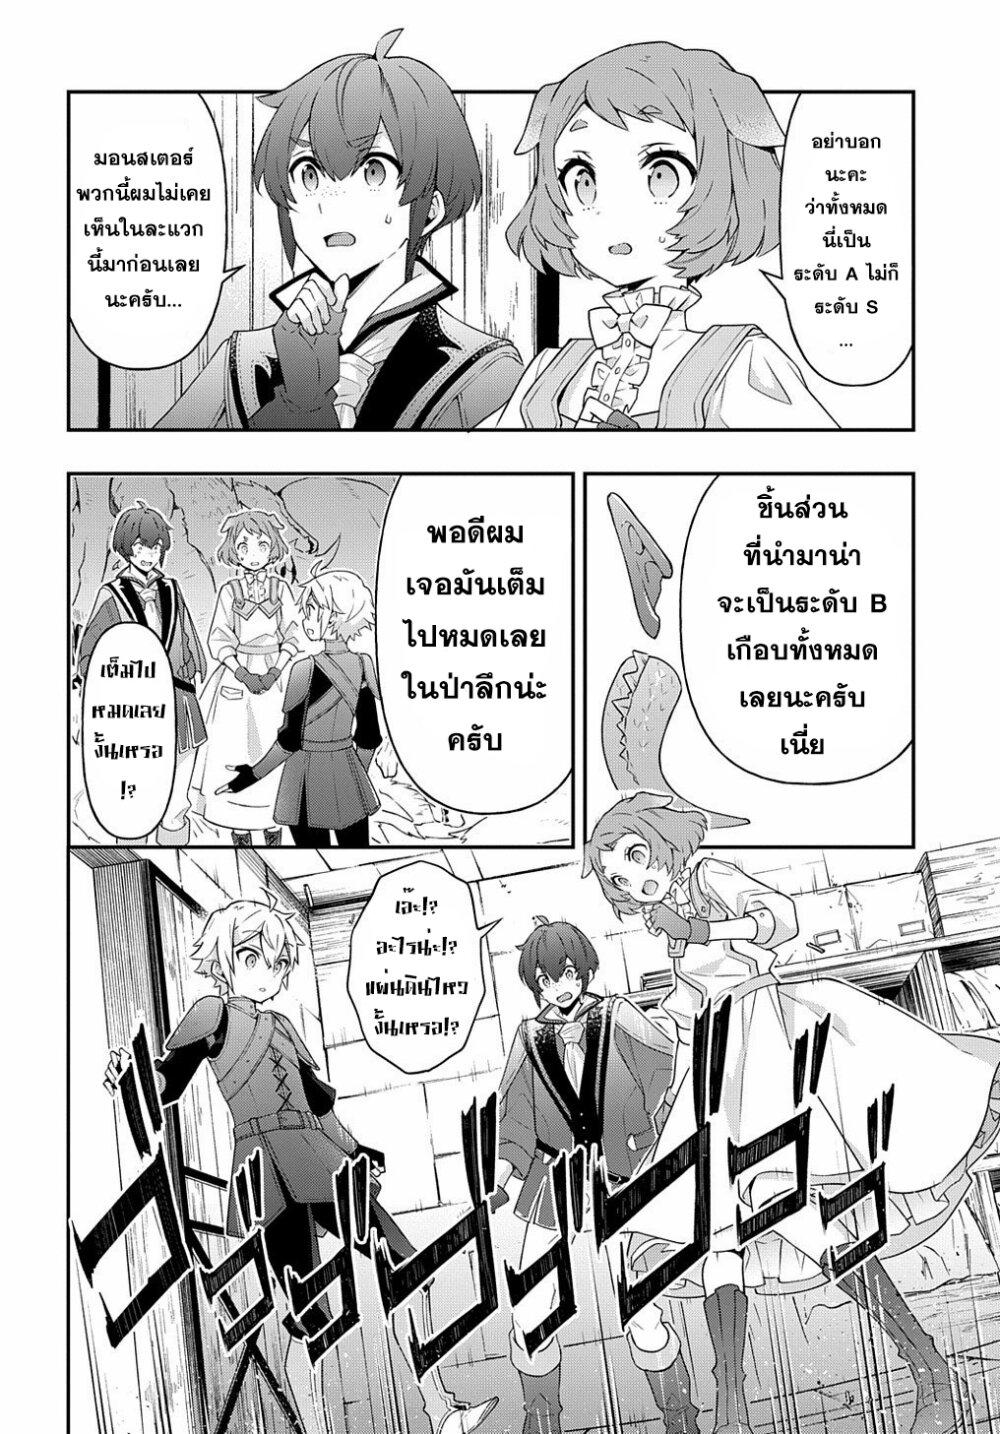 อ่านการ์ตูน Tensei Kizoku no Isekai Boukenroku ~Jichou wo Shiranai Kamigami no Shito~ ตอนที่ 30 หน้าที่ 26